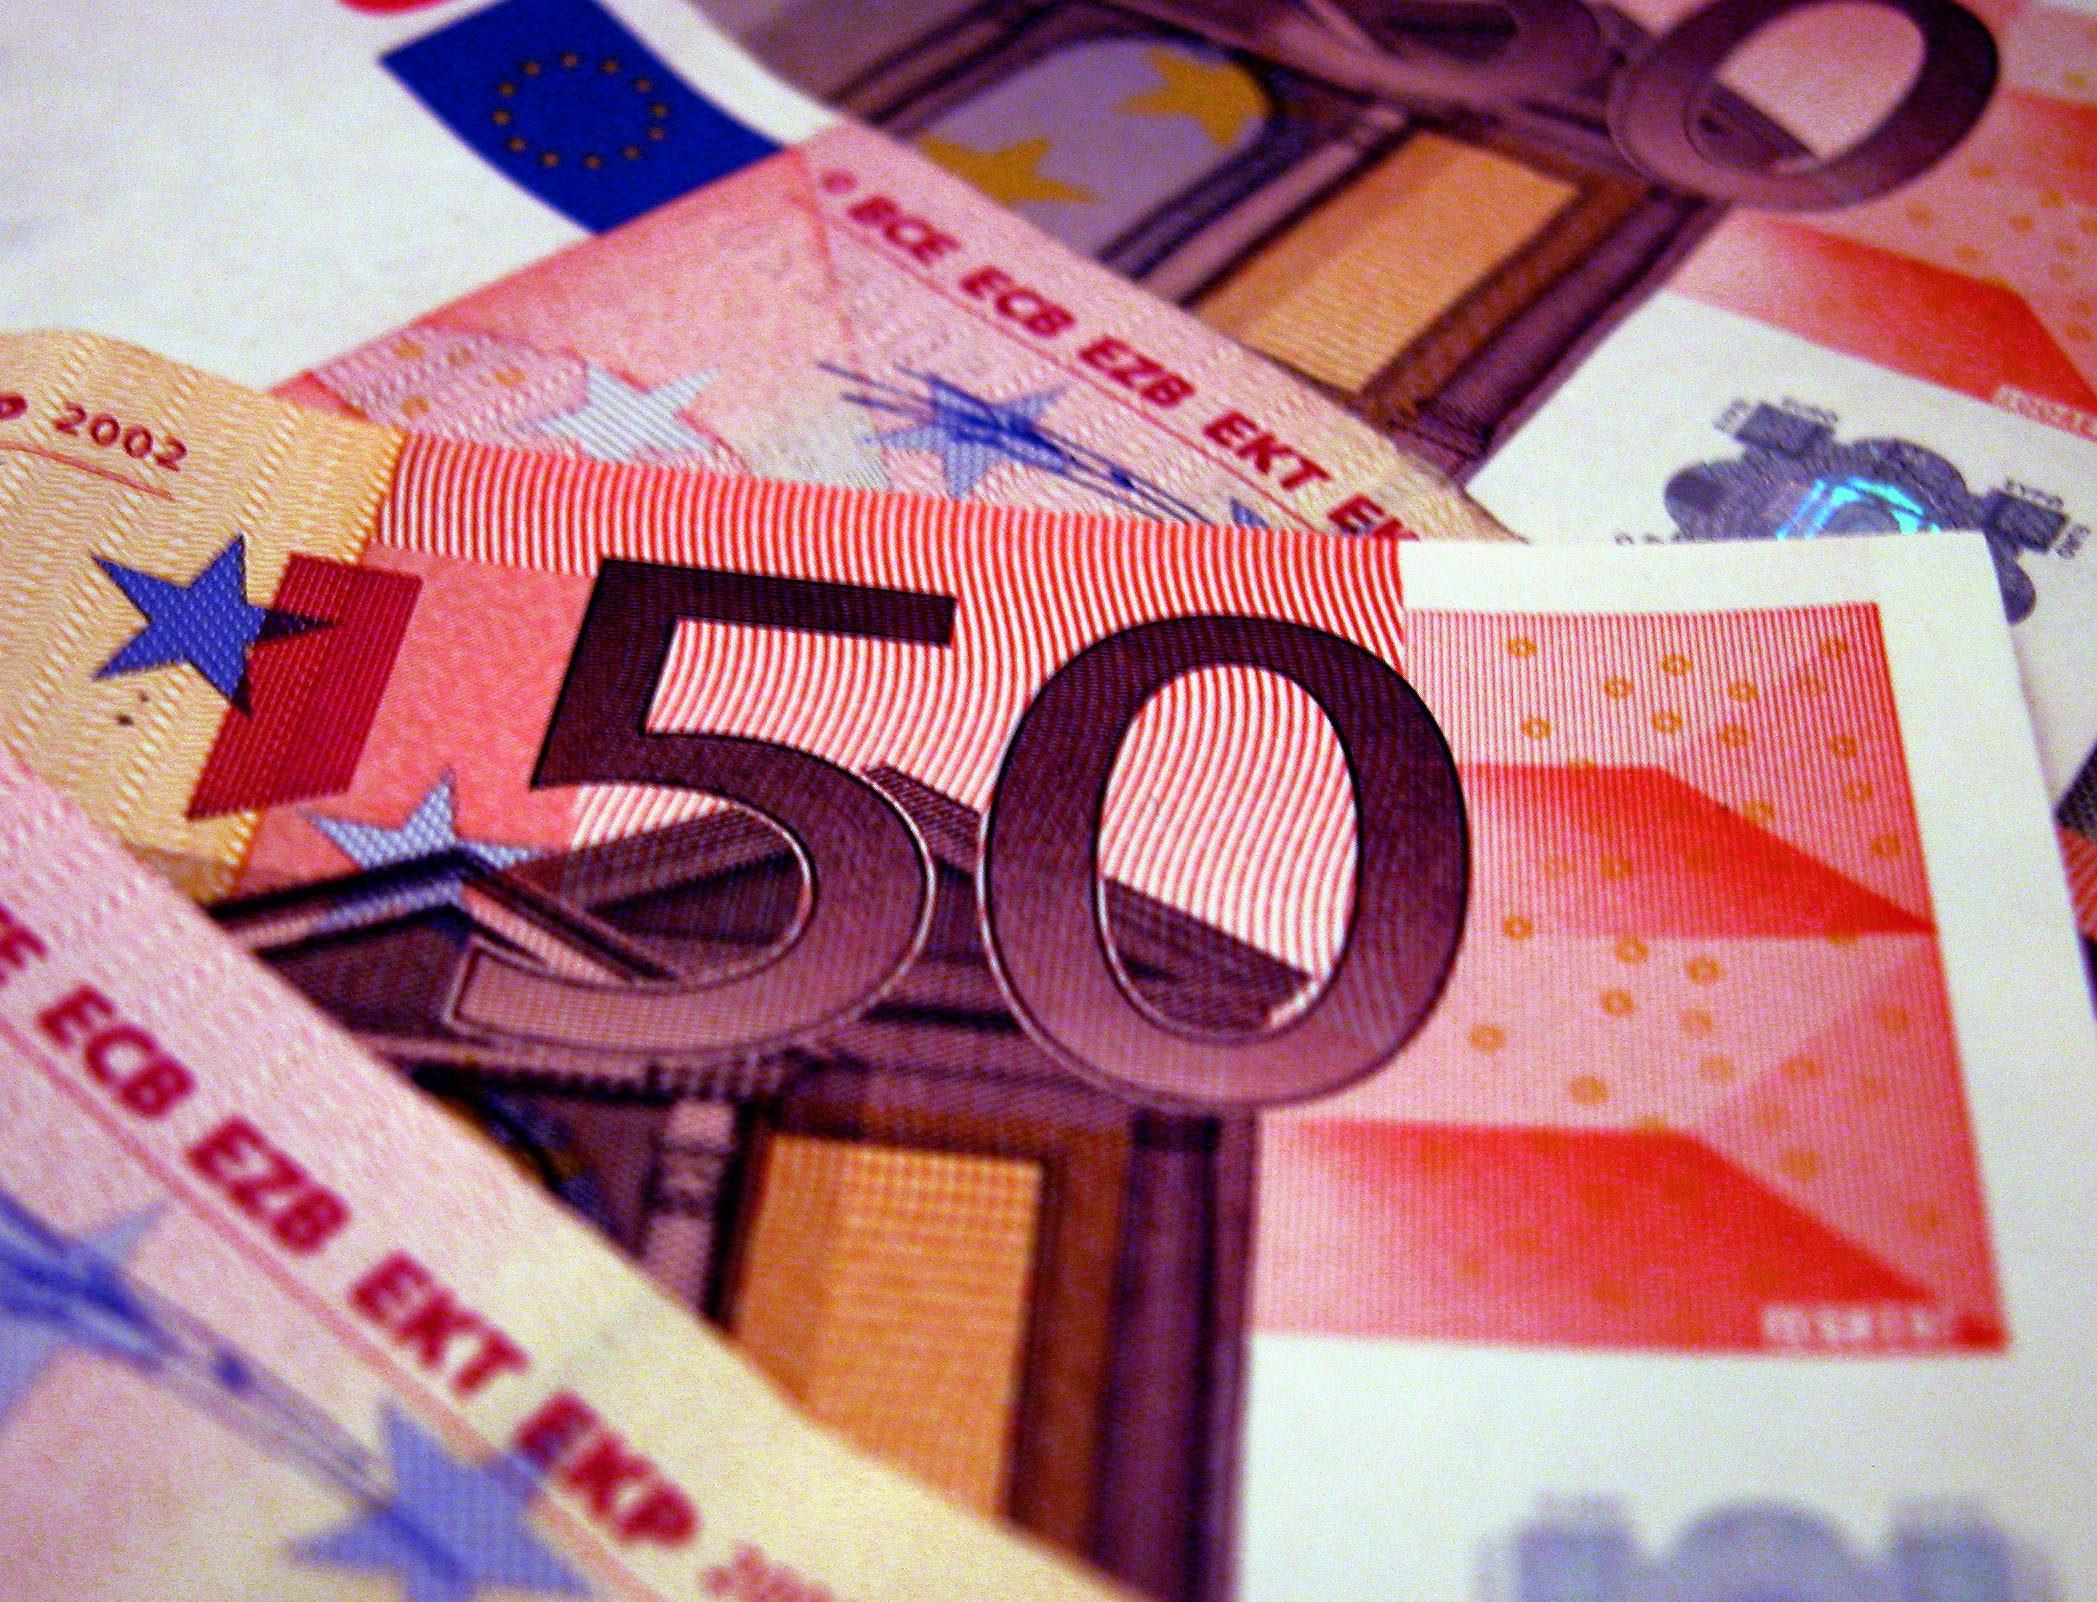 Prestiti alle Pmi, 580 milioni dalla Bei per quelle italiane